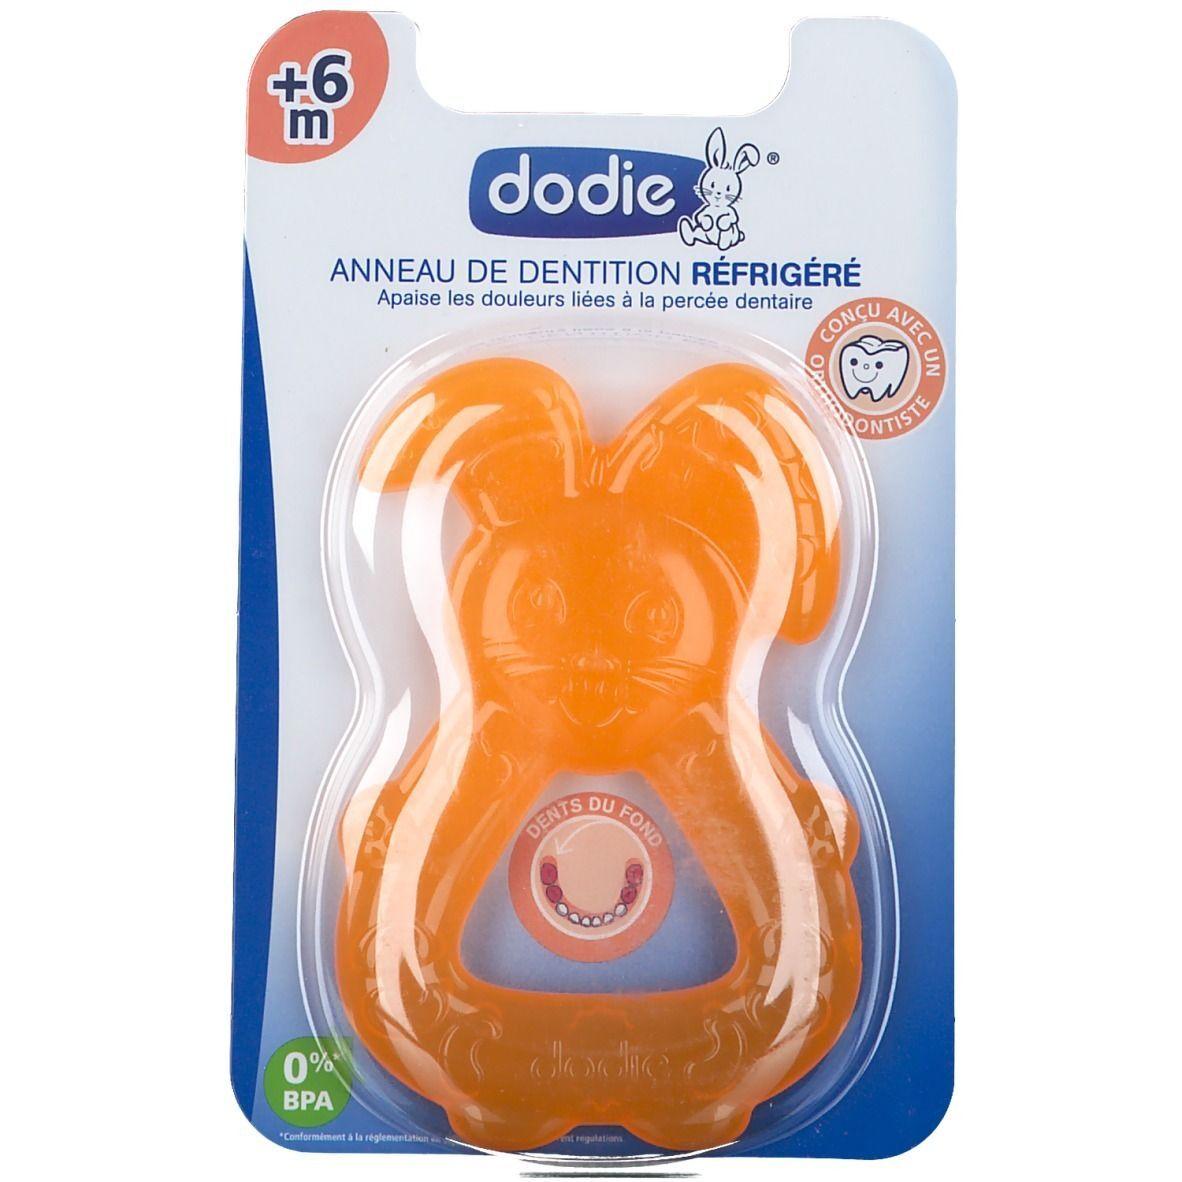 dodie® Anneau de dentition réfrigéré Orange +6 Mois pc(s)